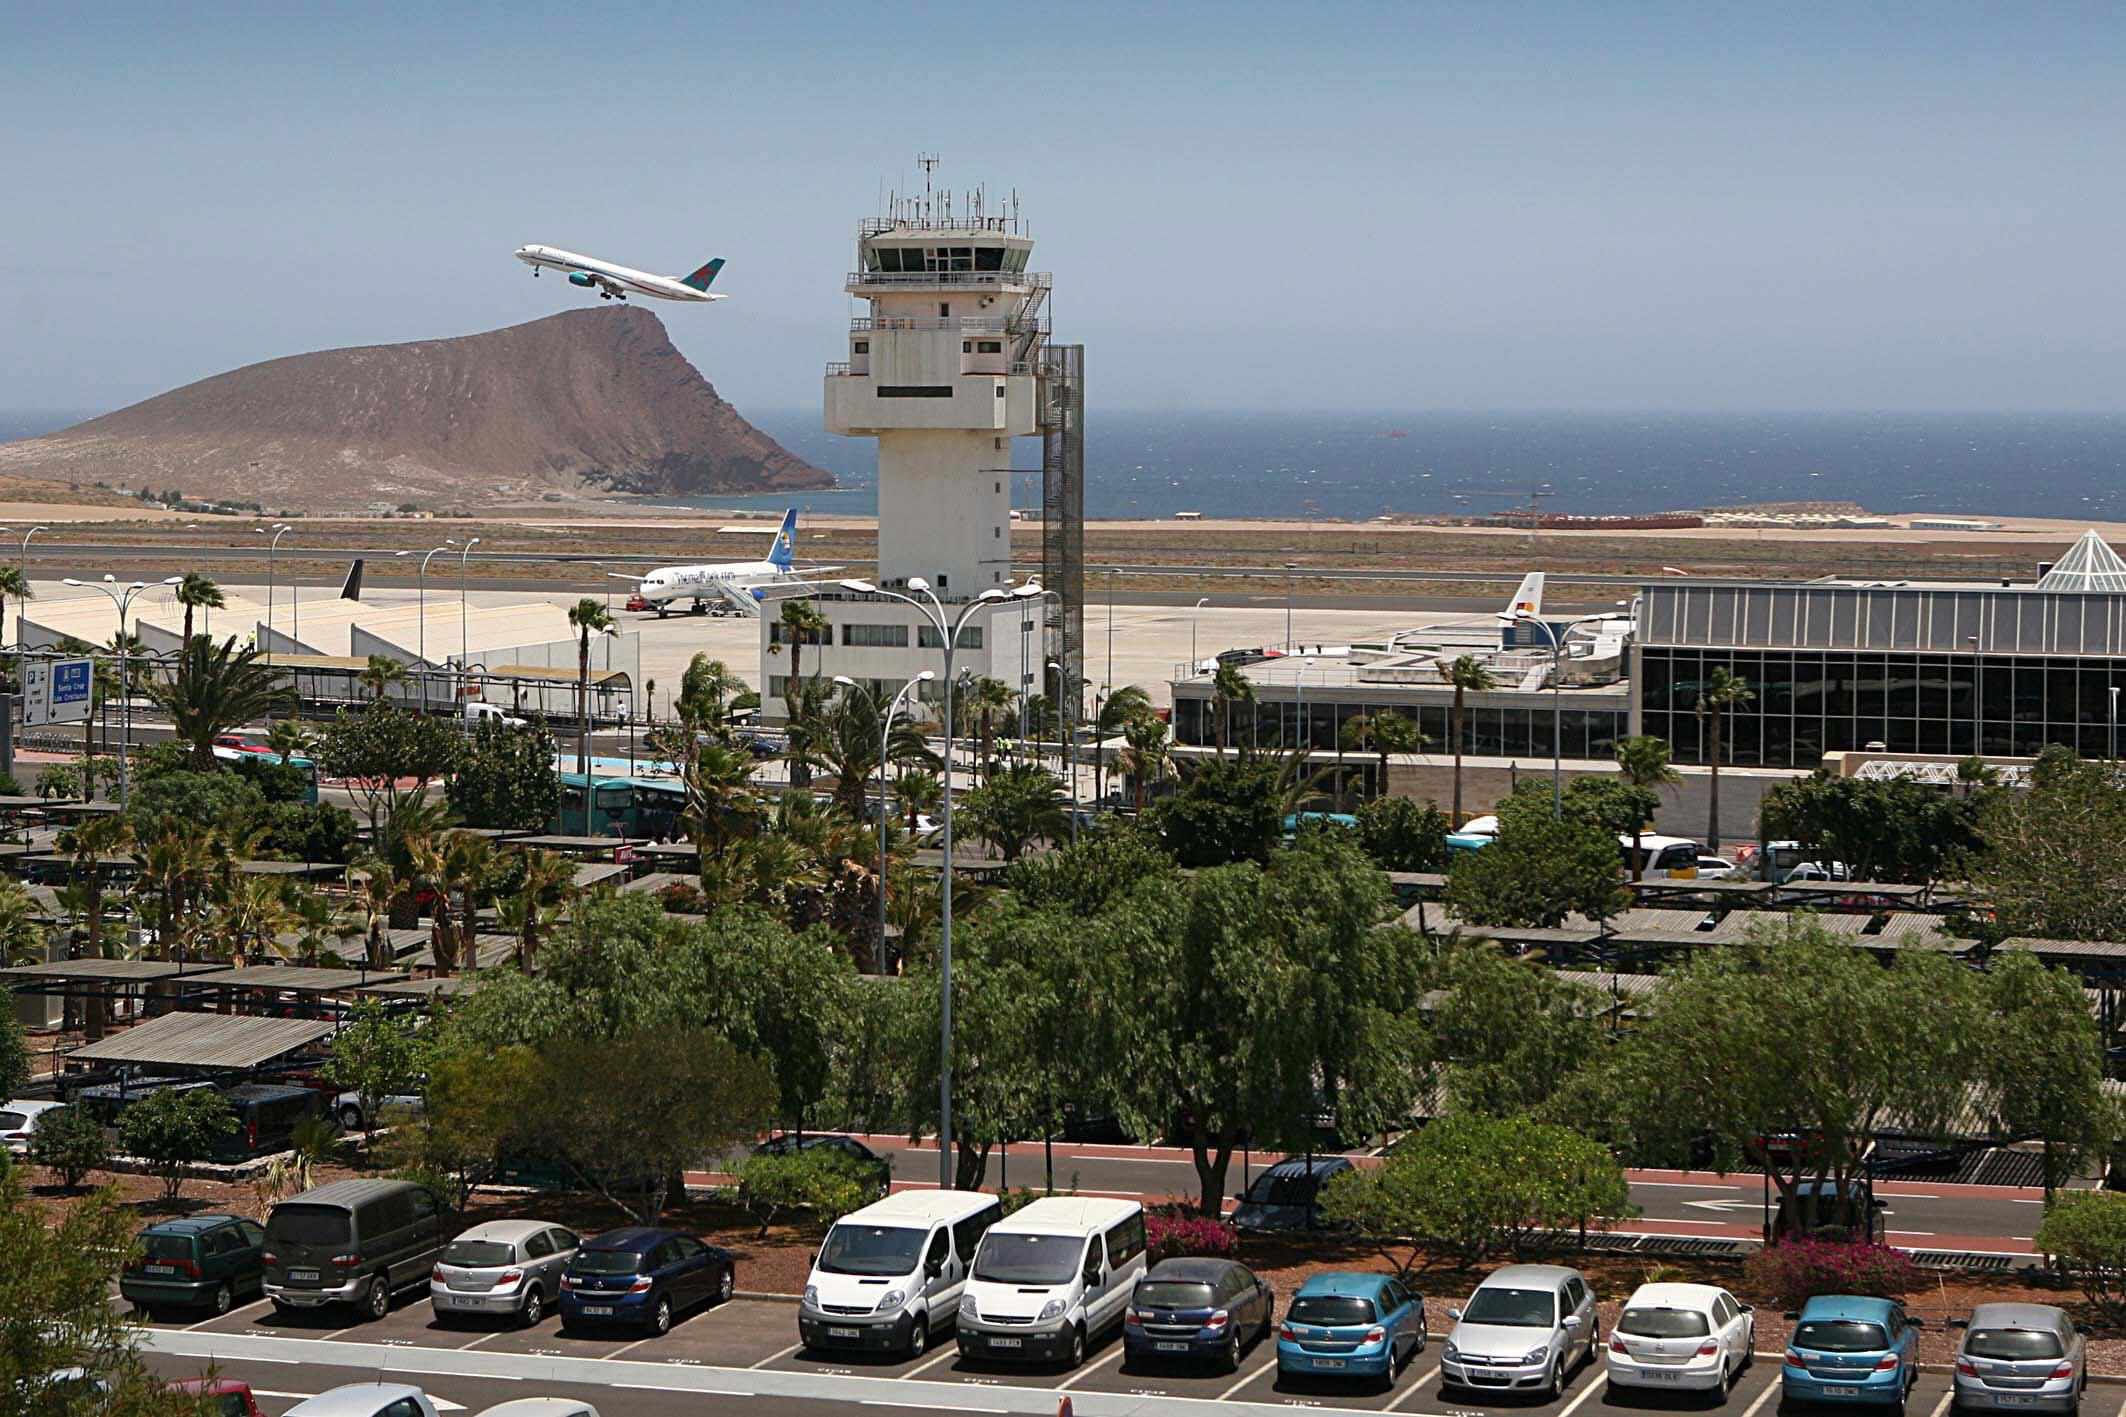 *EFE-CANARIAS* TF02. GRANADILLA (SANTA CRUZ DE TENERIFE), 23/06/07.- El Ministerio de Fomento, por medio de Aeropuertos Españoles y Navegación Aérea (AENA) invertirá hasta 2020 en el aeropuerto Tenerife-Sur Reina Sofía alrededor de 1.000 millones de euros. En la imagen vista general del aeropuerto tinerfeño. EFE/Manuel Lérida